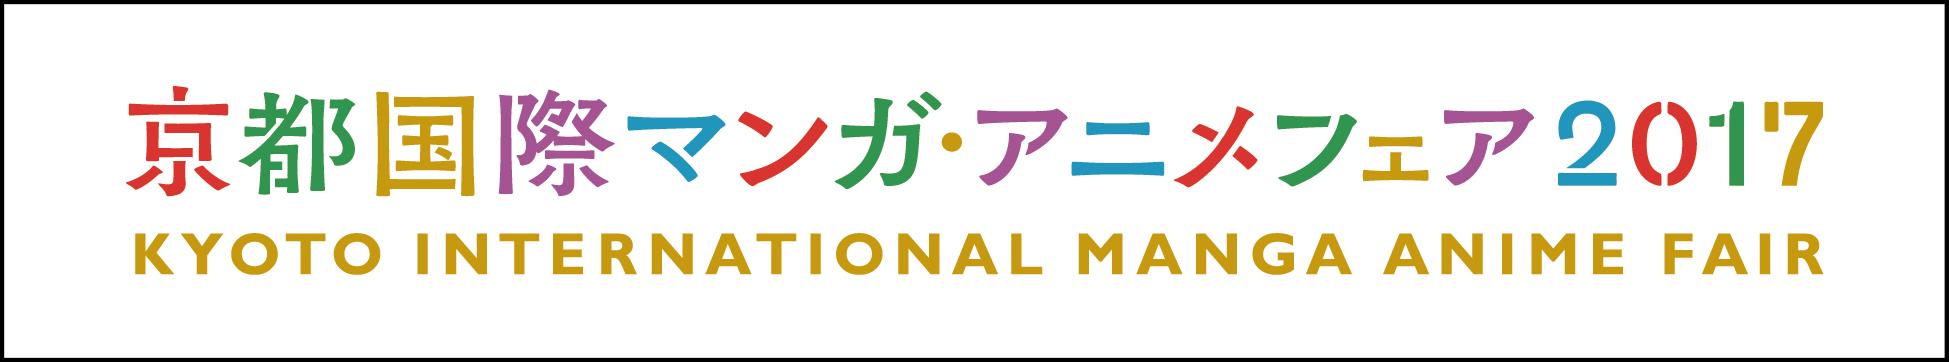 kyomaf2017_logo.png